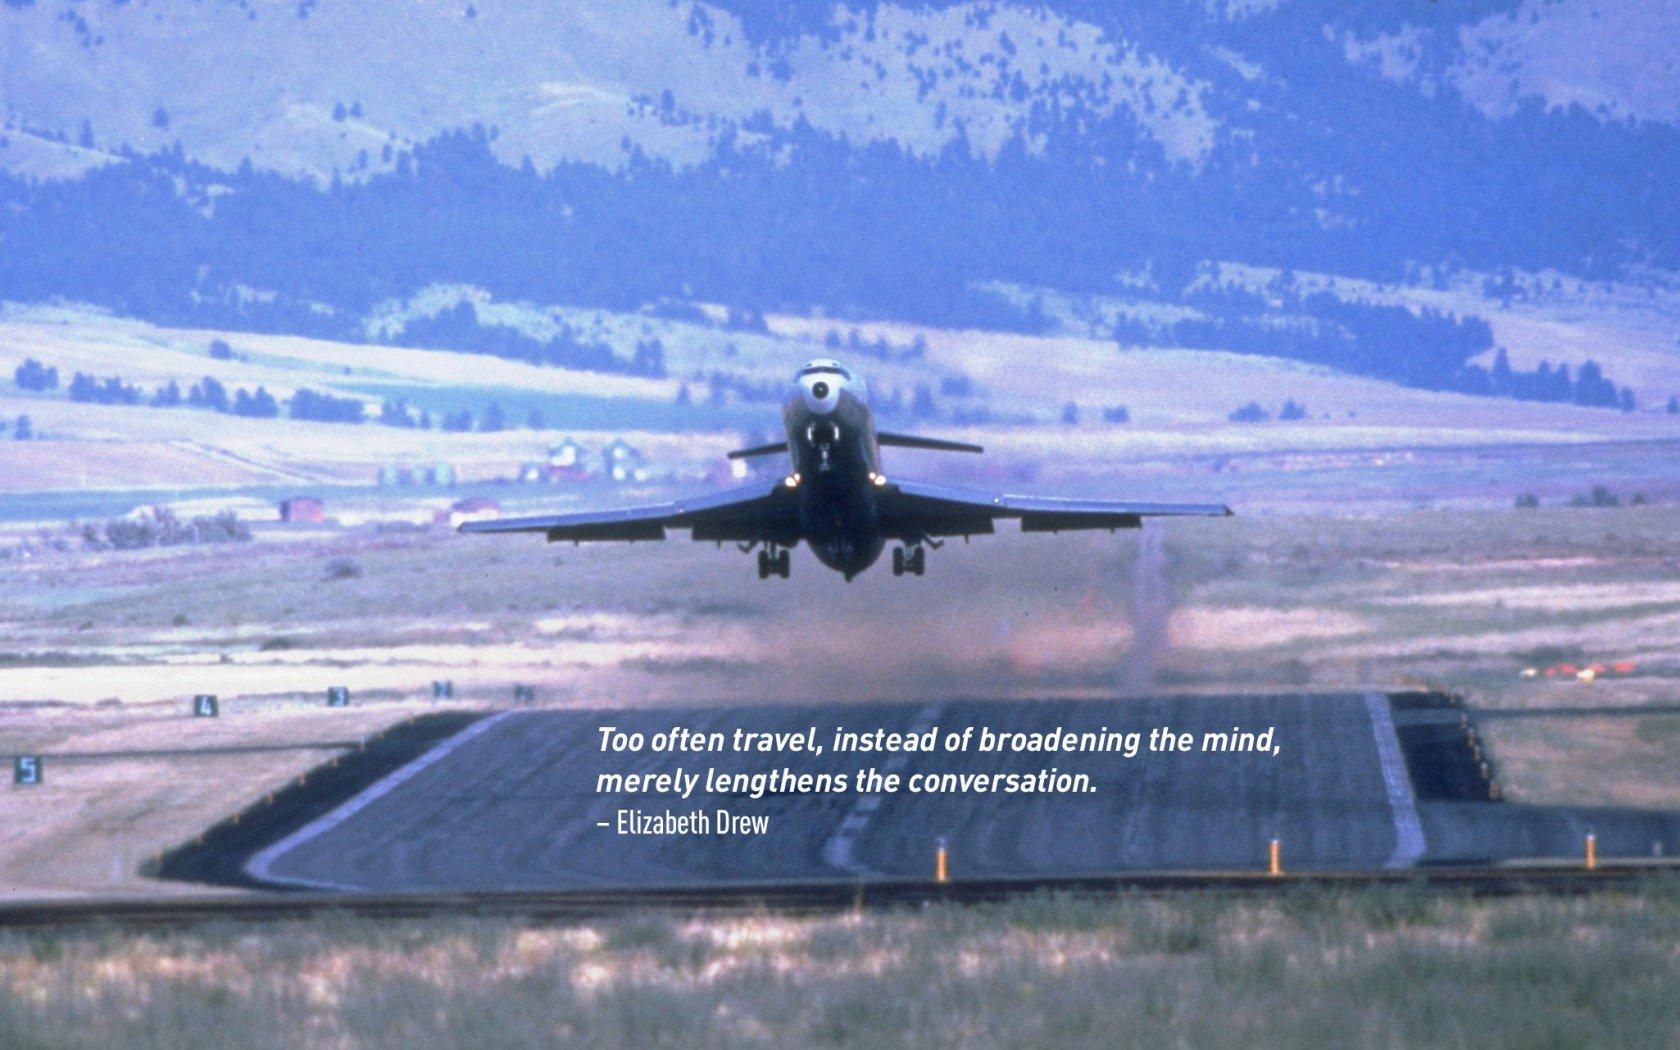 Citation de voyage d'Elizabeth Drew. Un avion au décollage.